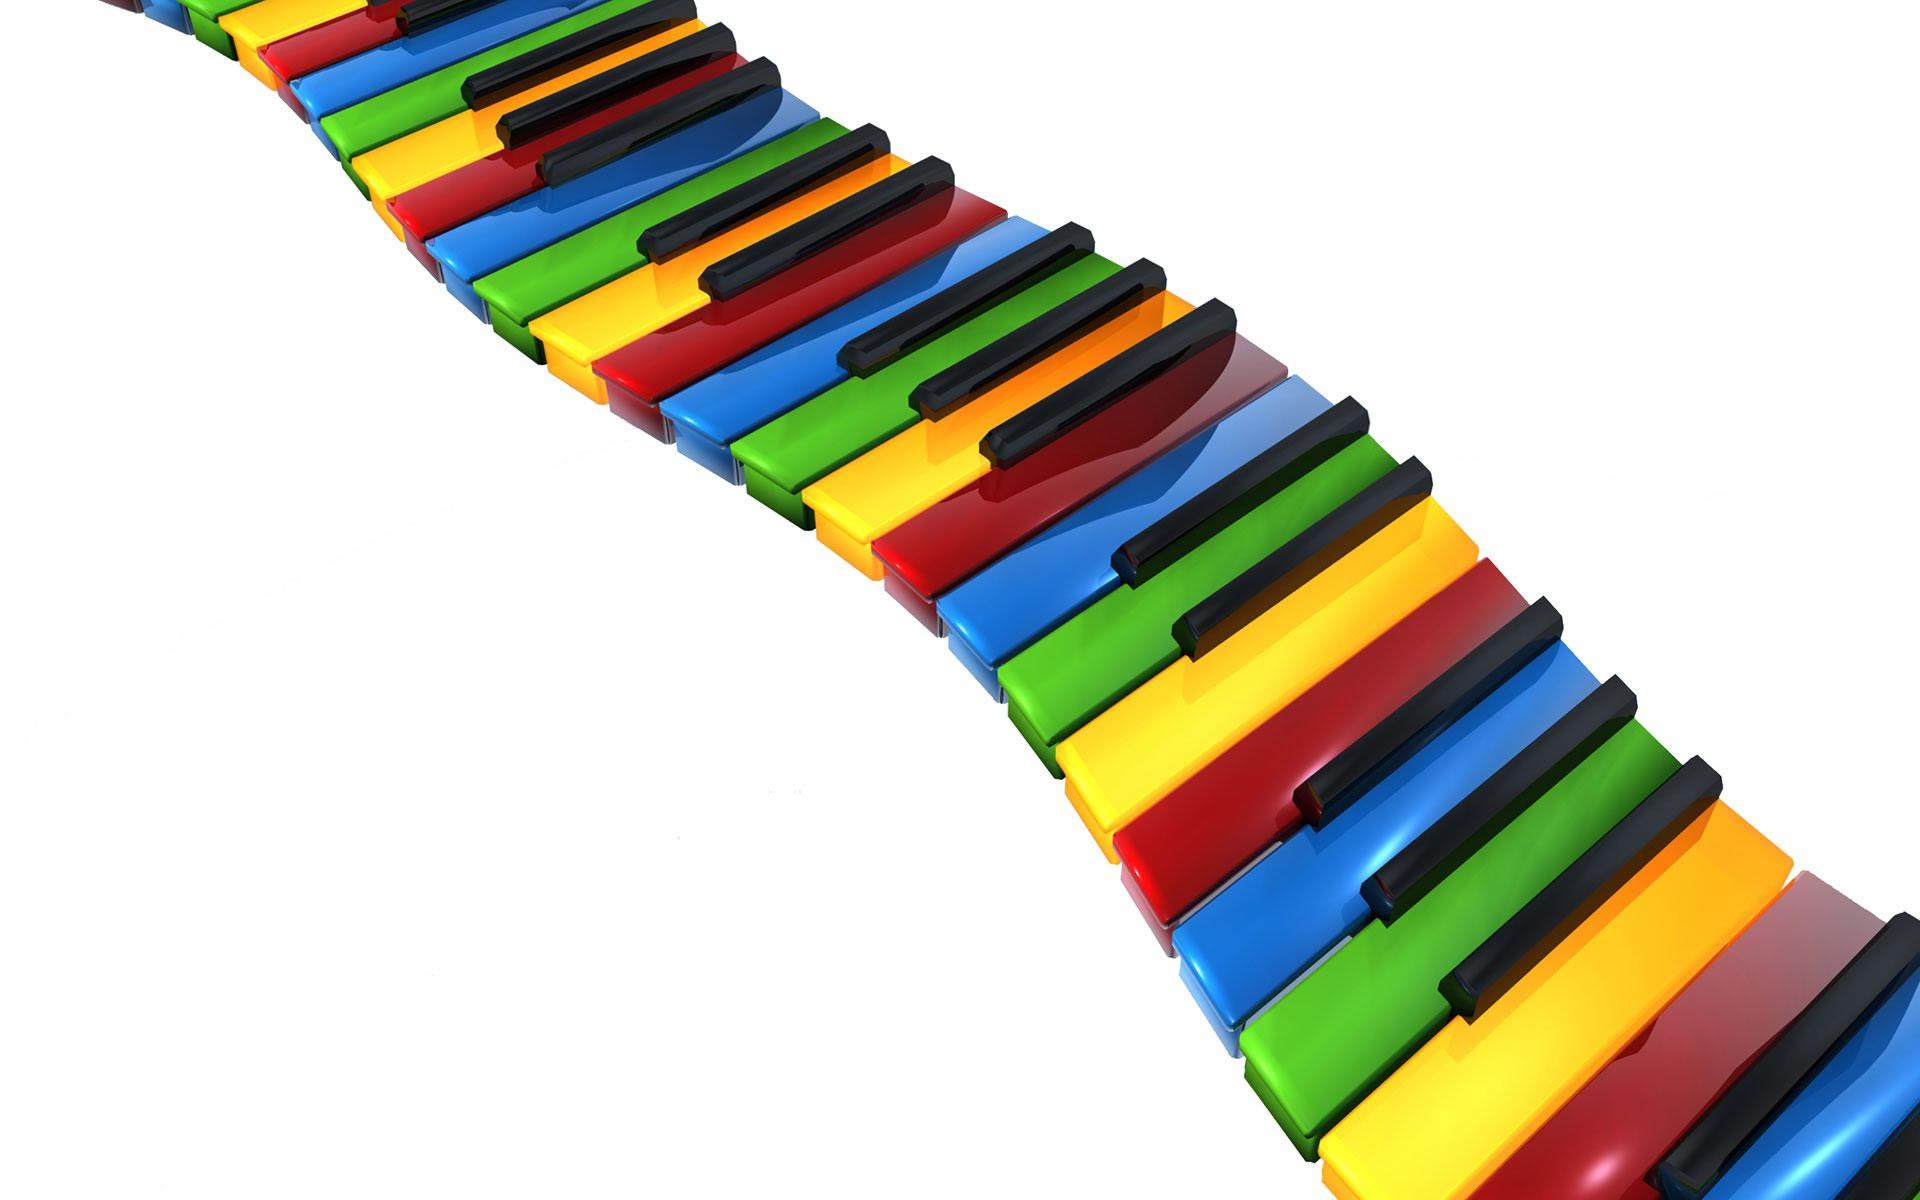 Teclas de piano multi color